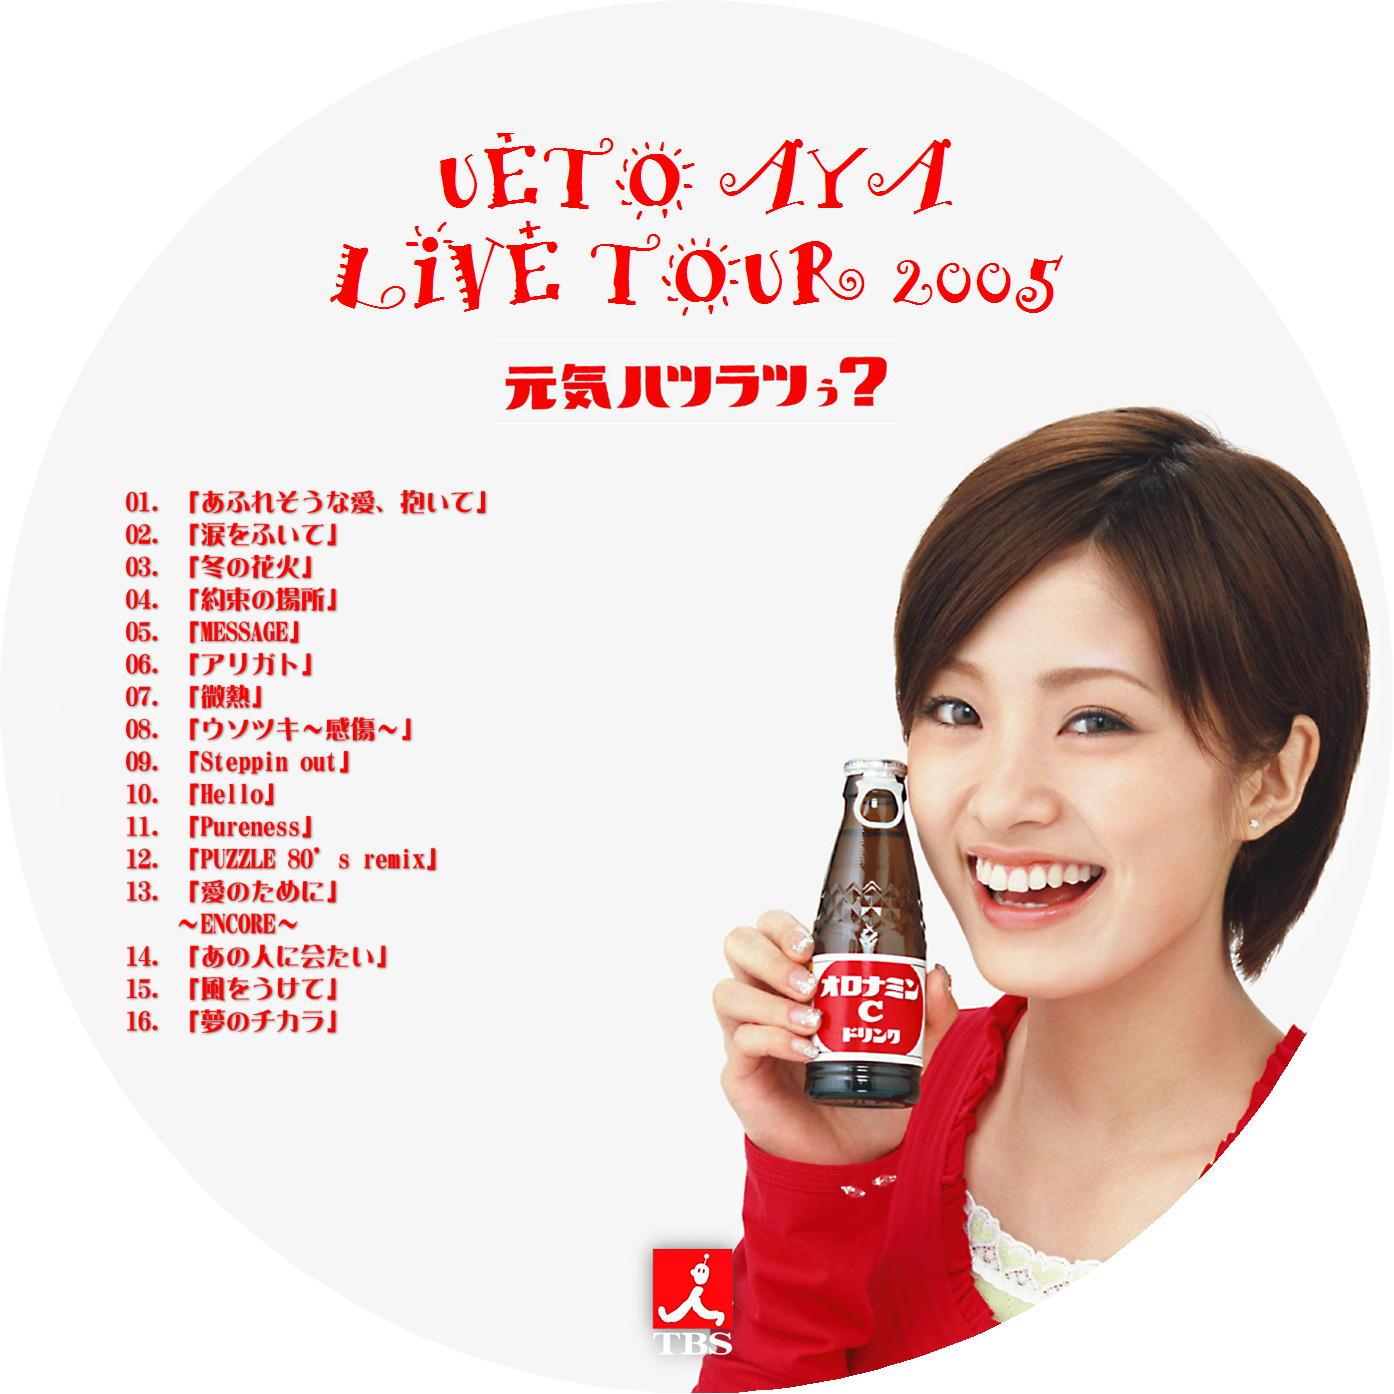 上戸彩 LIVE TOUR 2005 DVDラベル